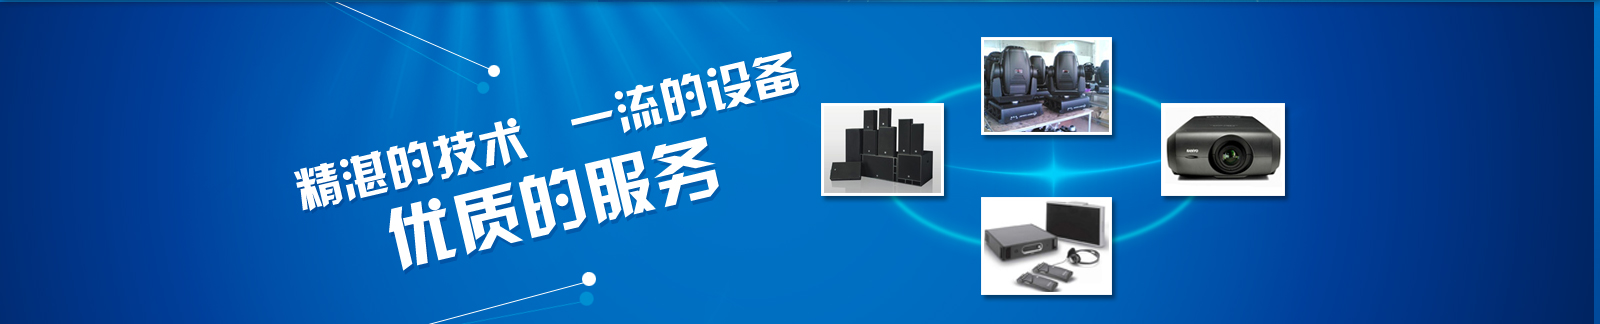 亚洲城备用网址,www.yzc88.cc,ca88亚洲城娱乐最新备用网址下载_北京LED租赁